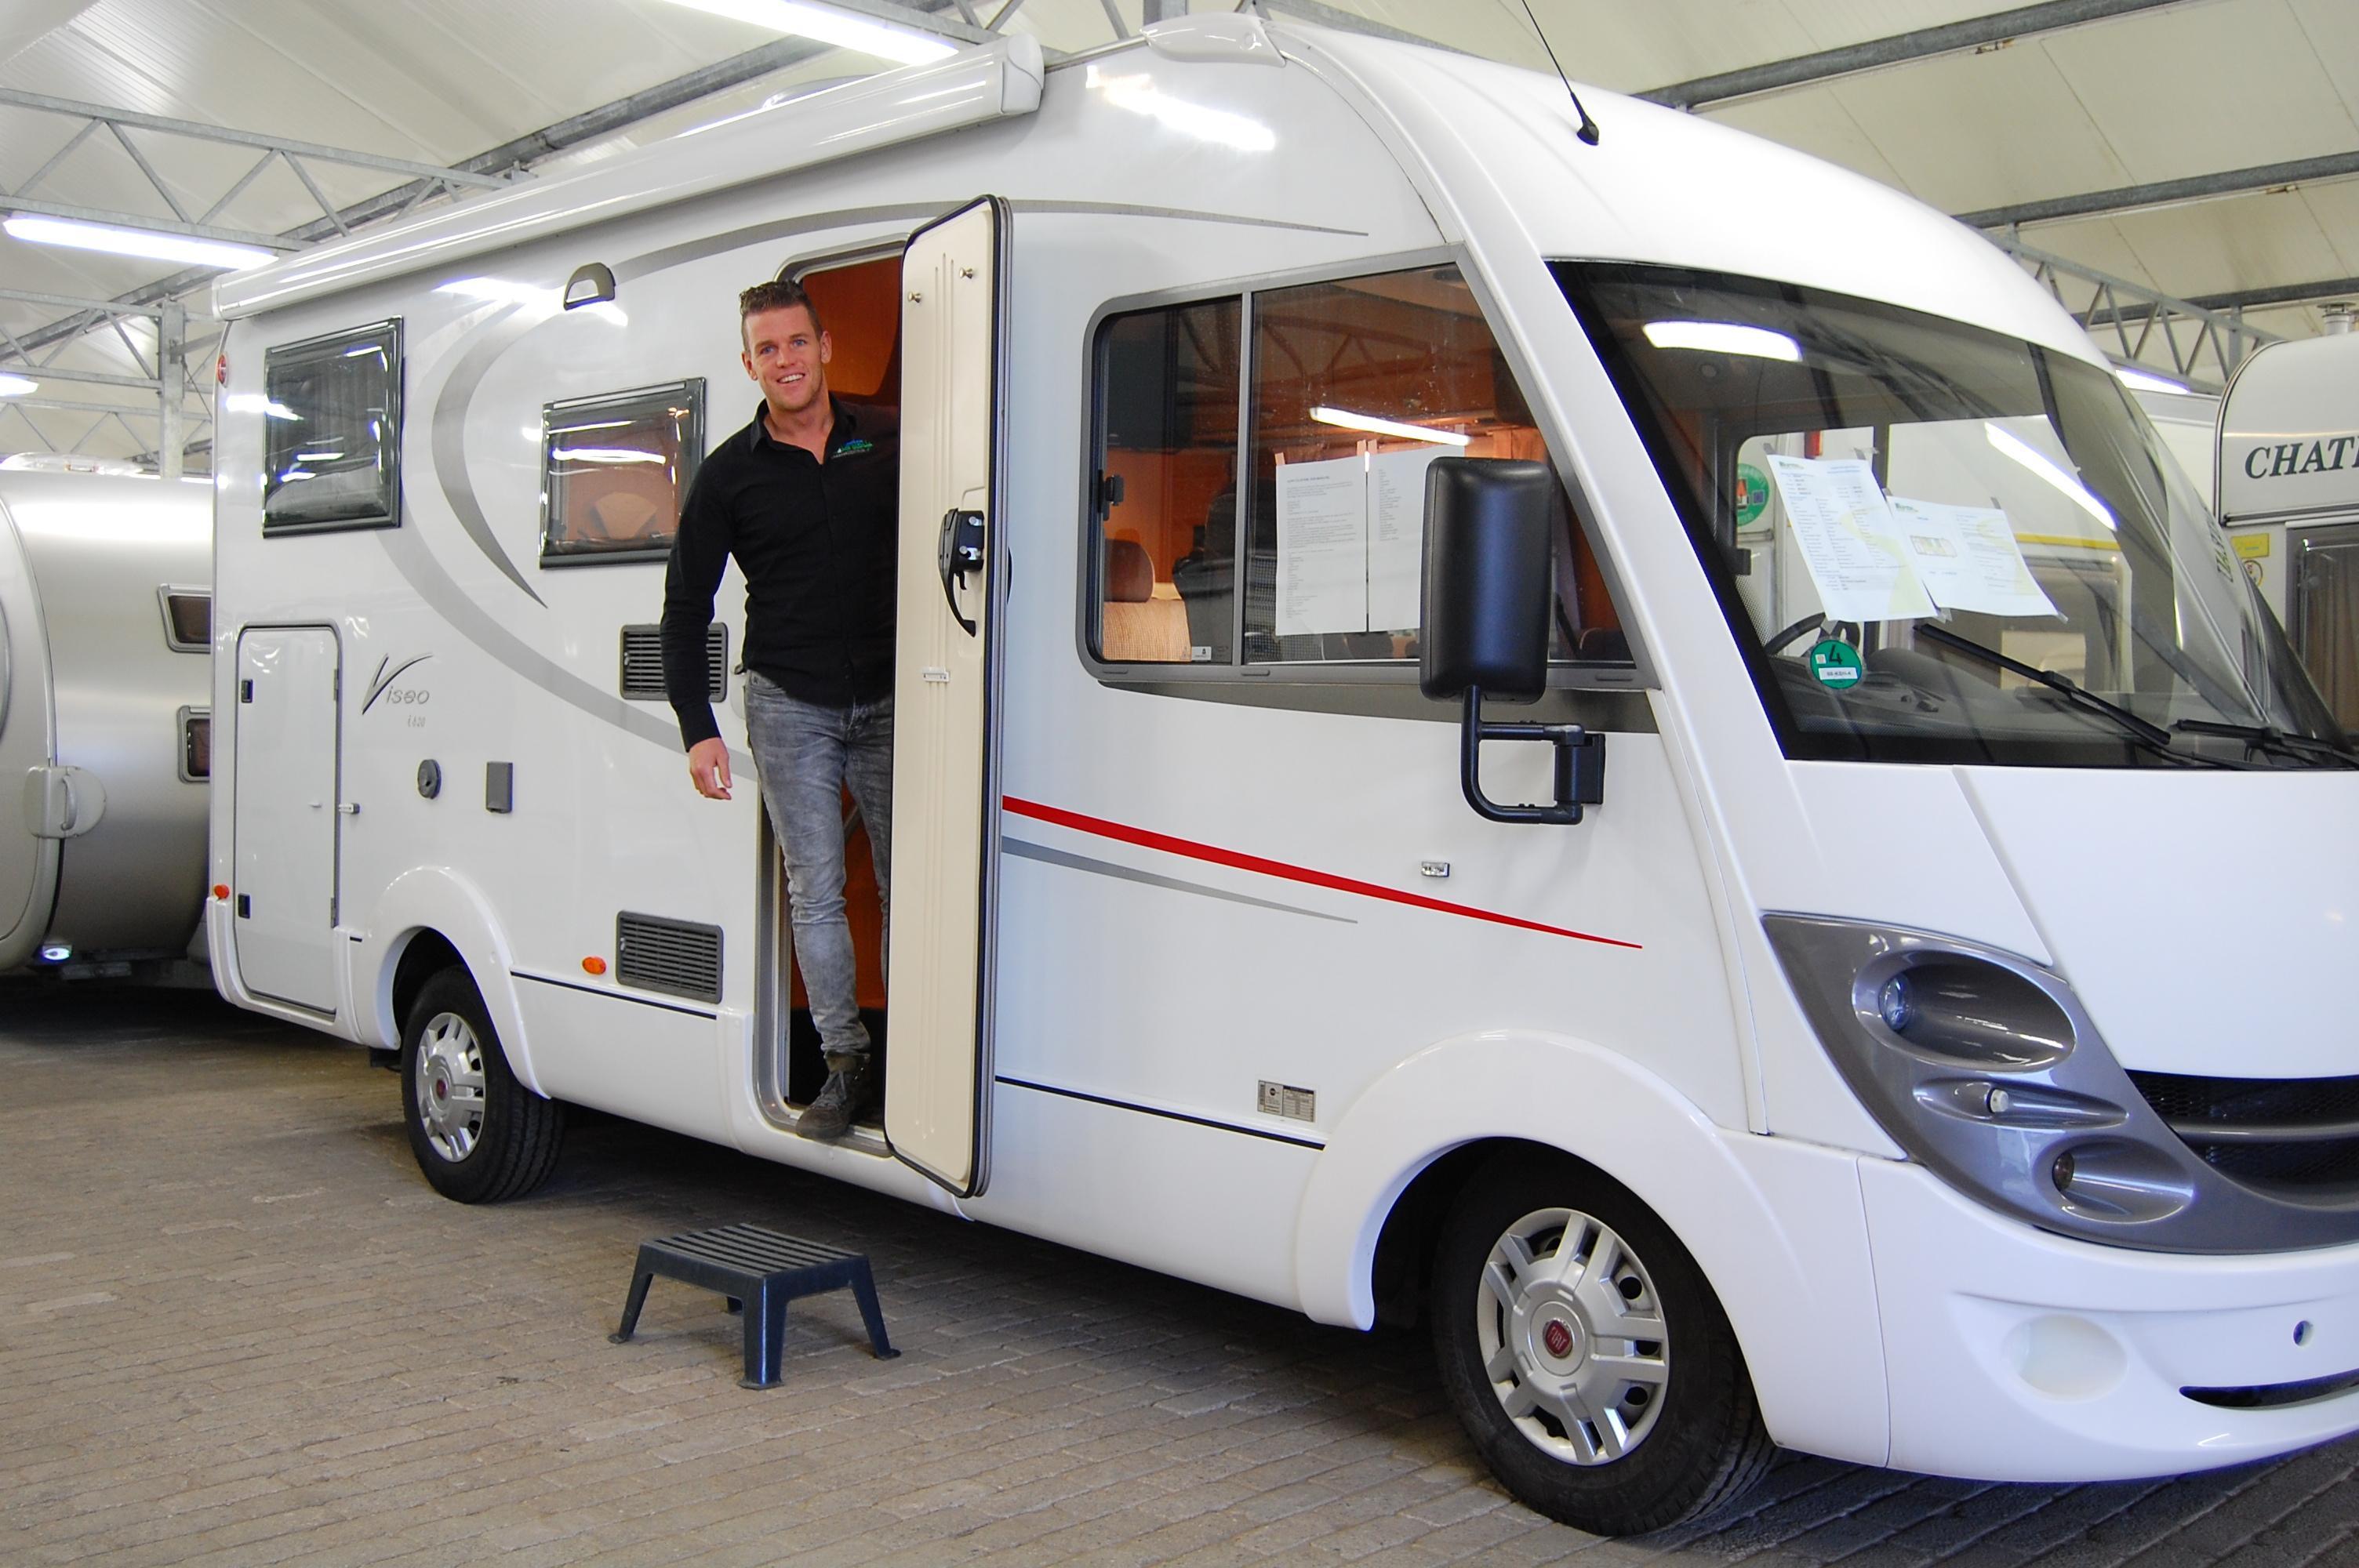 Caravan gekocht vanwege corona, maar waar laat ik hem na de vakantie? Stallingen in regio al overvol